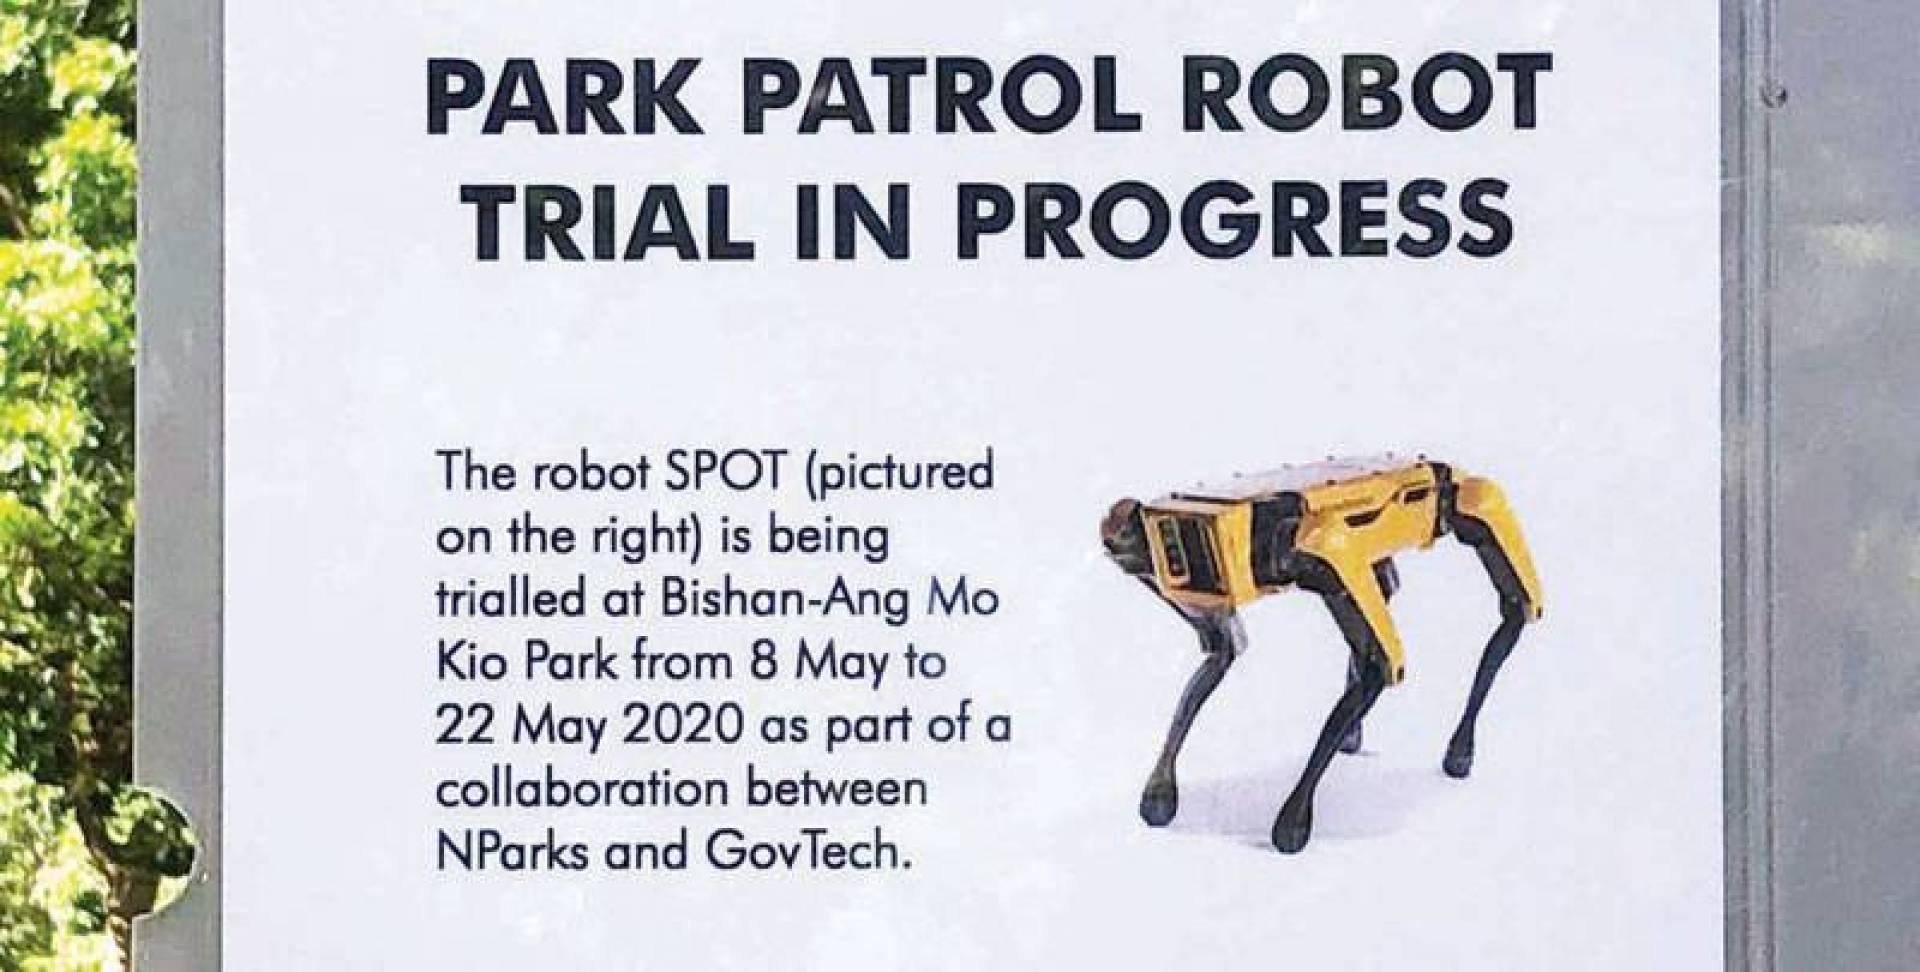 إعلان يدعو المتنزهين للتعاون مع الكلاب الآلية (إنترنت)